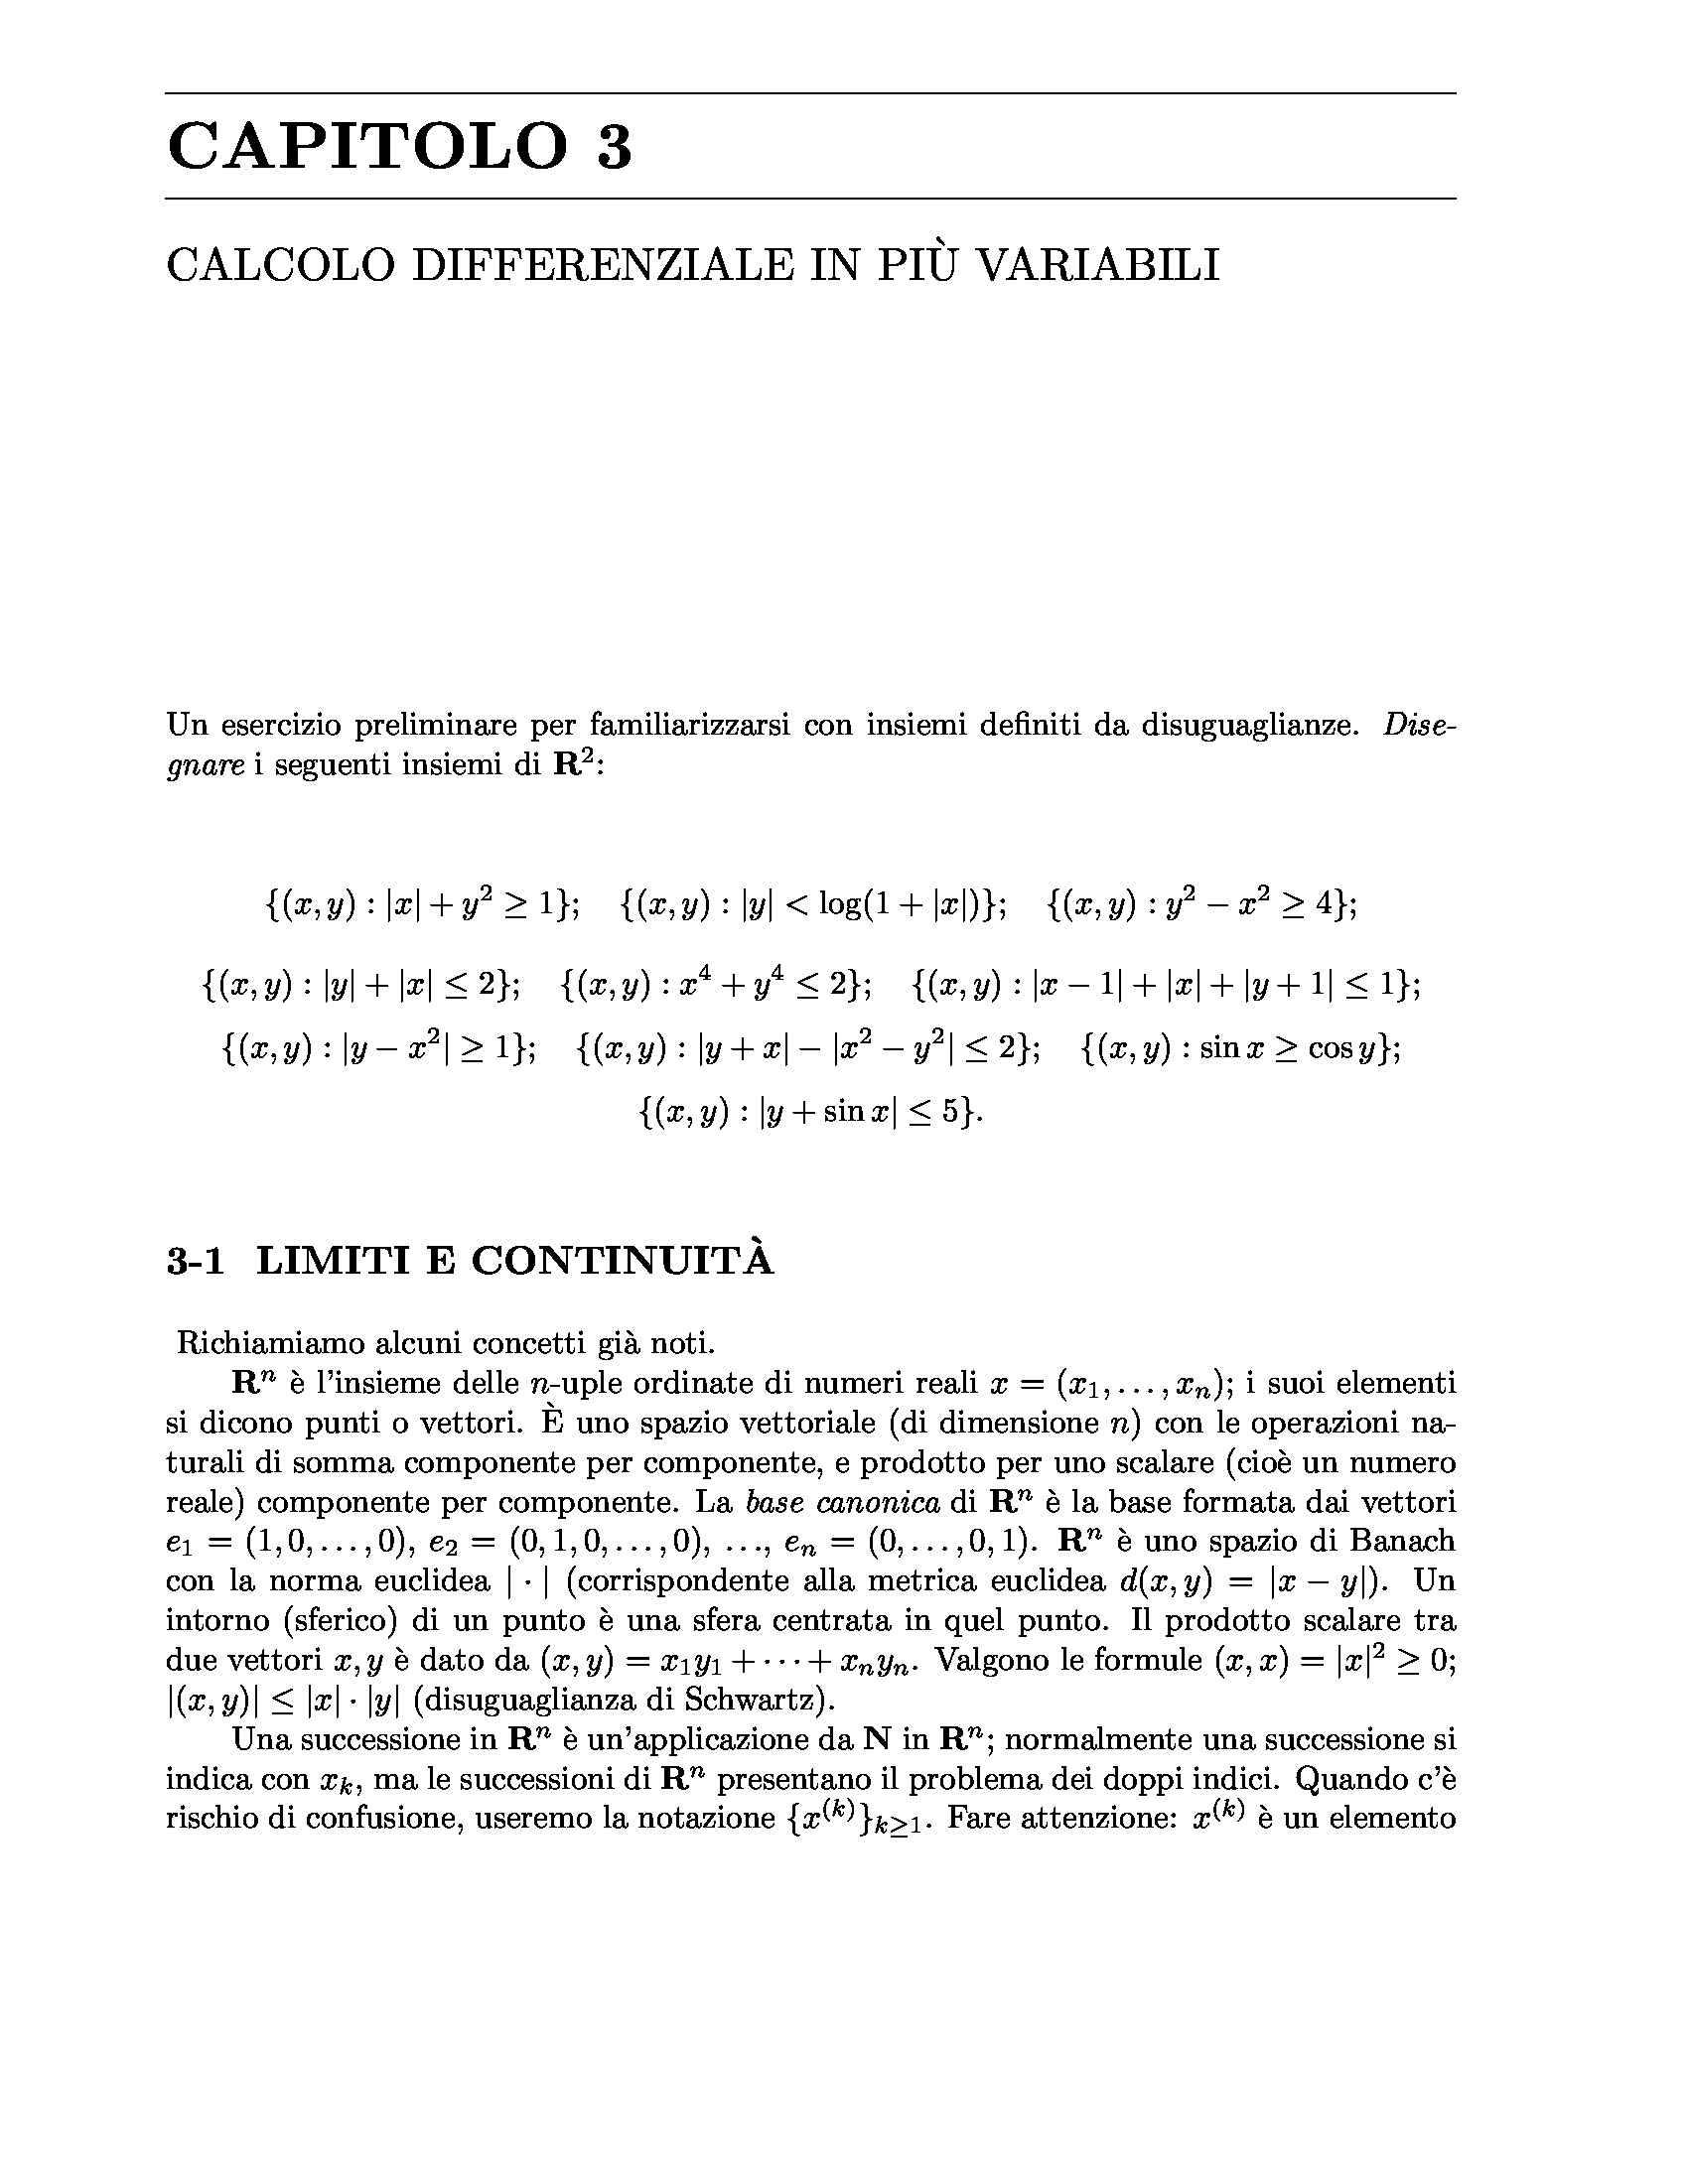 Calcolo differenziale in più variabili